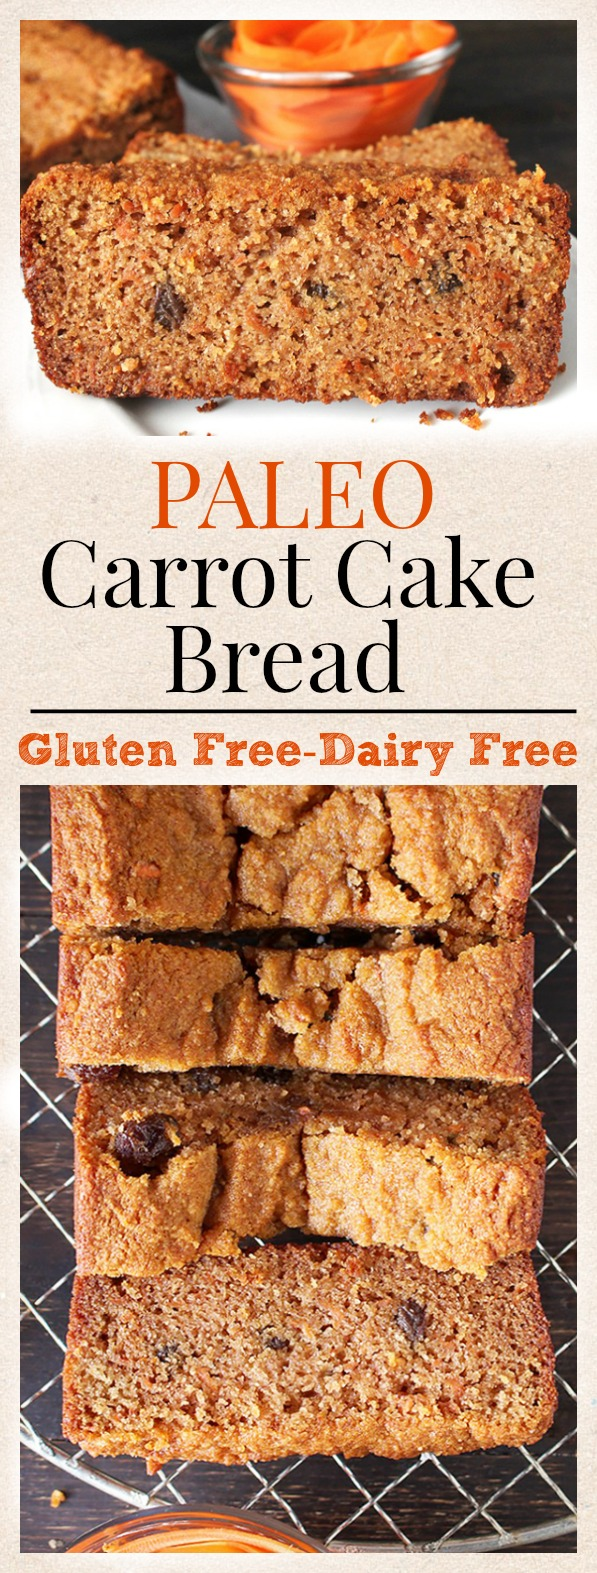 Paleo Carrot Cake Bread